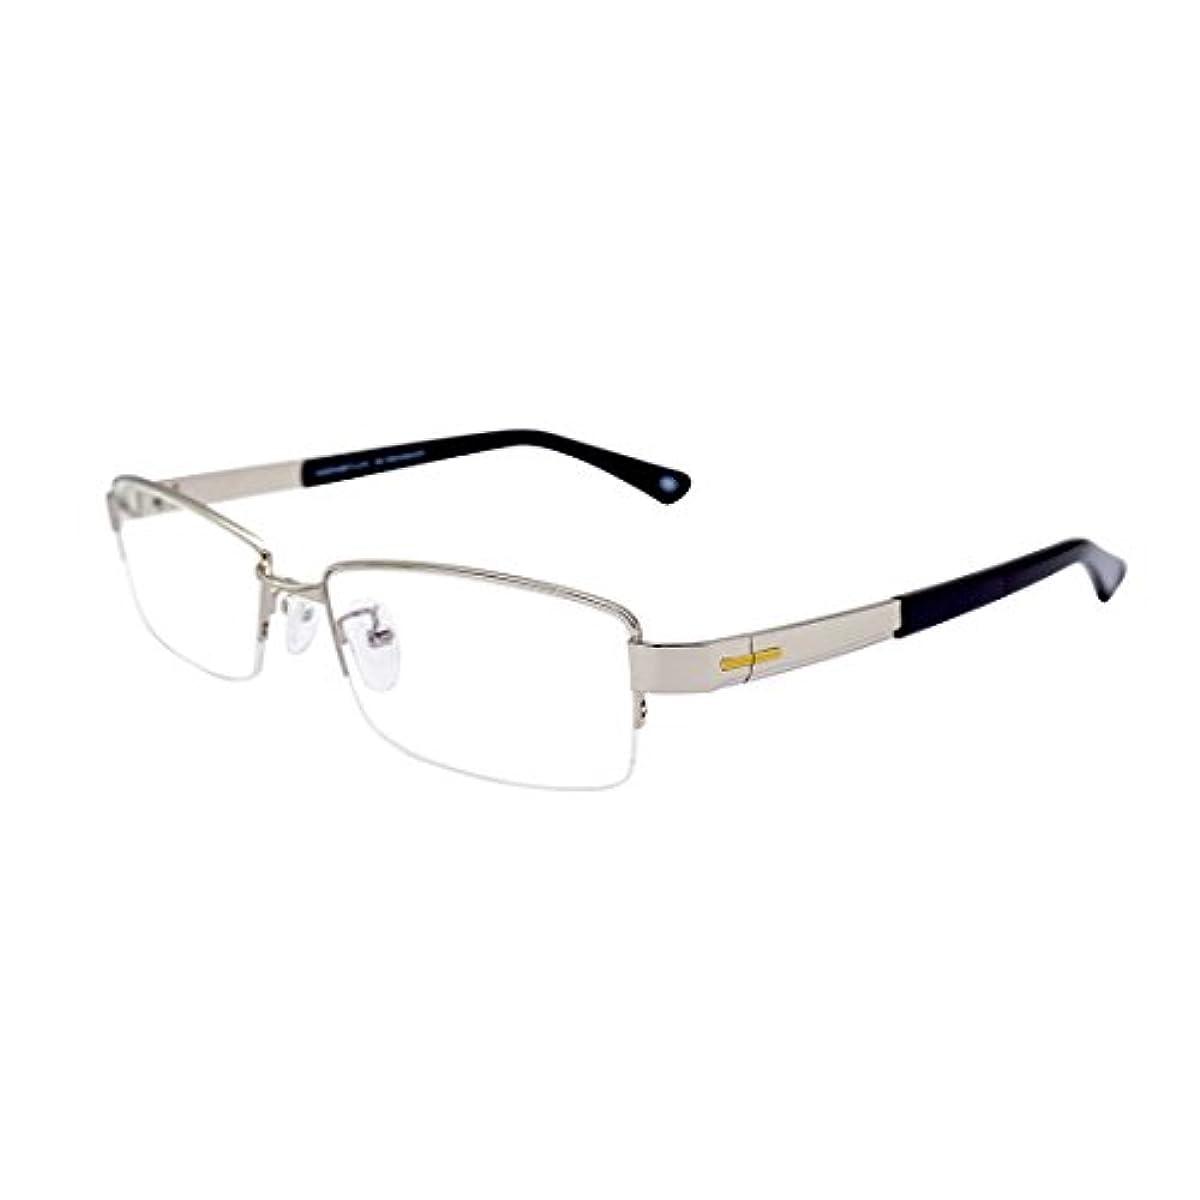 [해외] 다테 남성 안경 맨즈 안경 프레임 메탈 프레임 금속제 레져 안경 닦아 대응 케이스 첨부 와 …